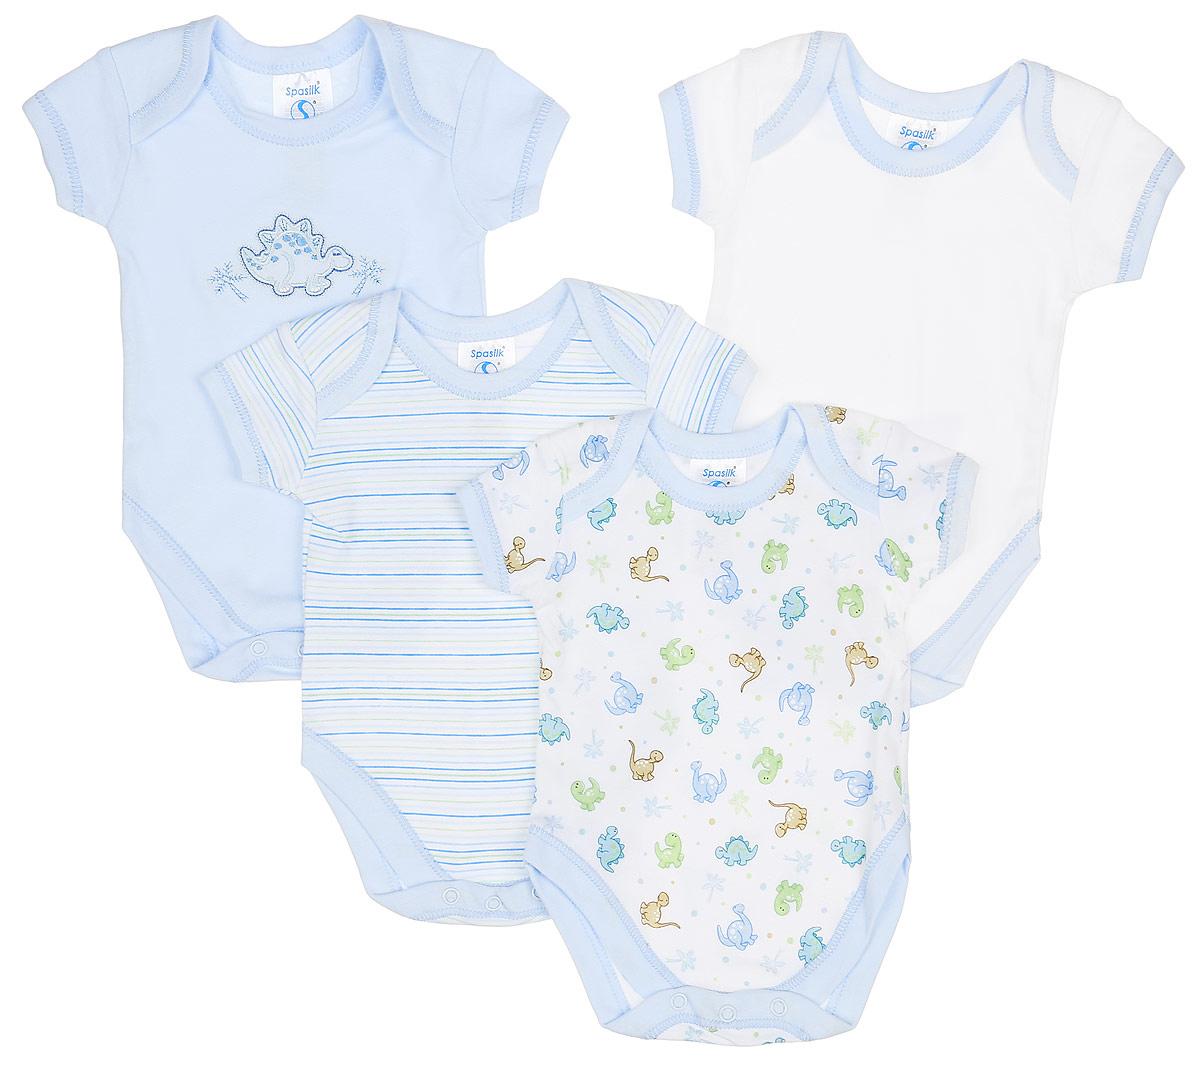 Боди для мальчика Spasilk, цвет: белый, голубой, зеленый, 4 шт. ON S4HS2. Размер XXXL, 24 месяца spasilk spasilk комплект одежды боди с коротким рукавом 4 шт голубой белый